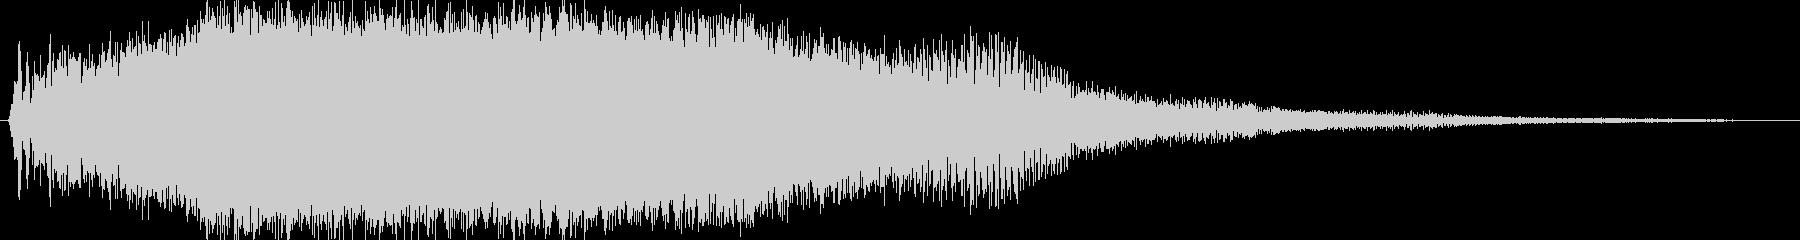 レトロ起動ジャーン/分厚い和音ME2の未再生の波形